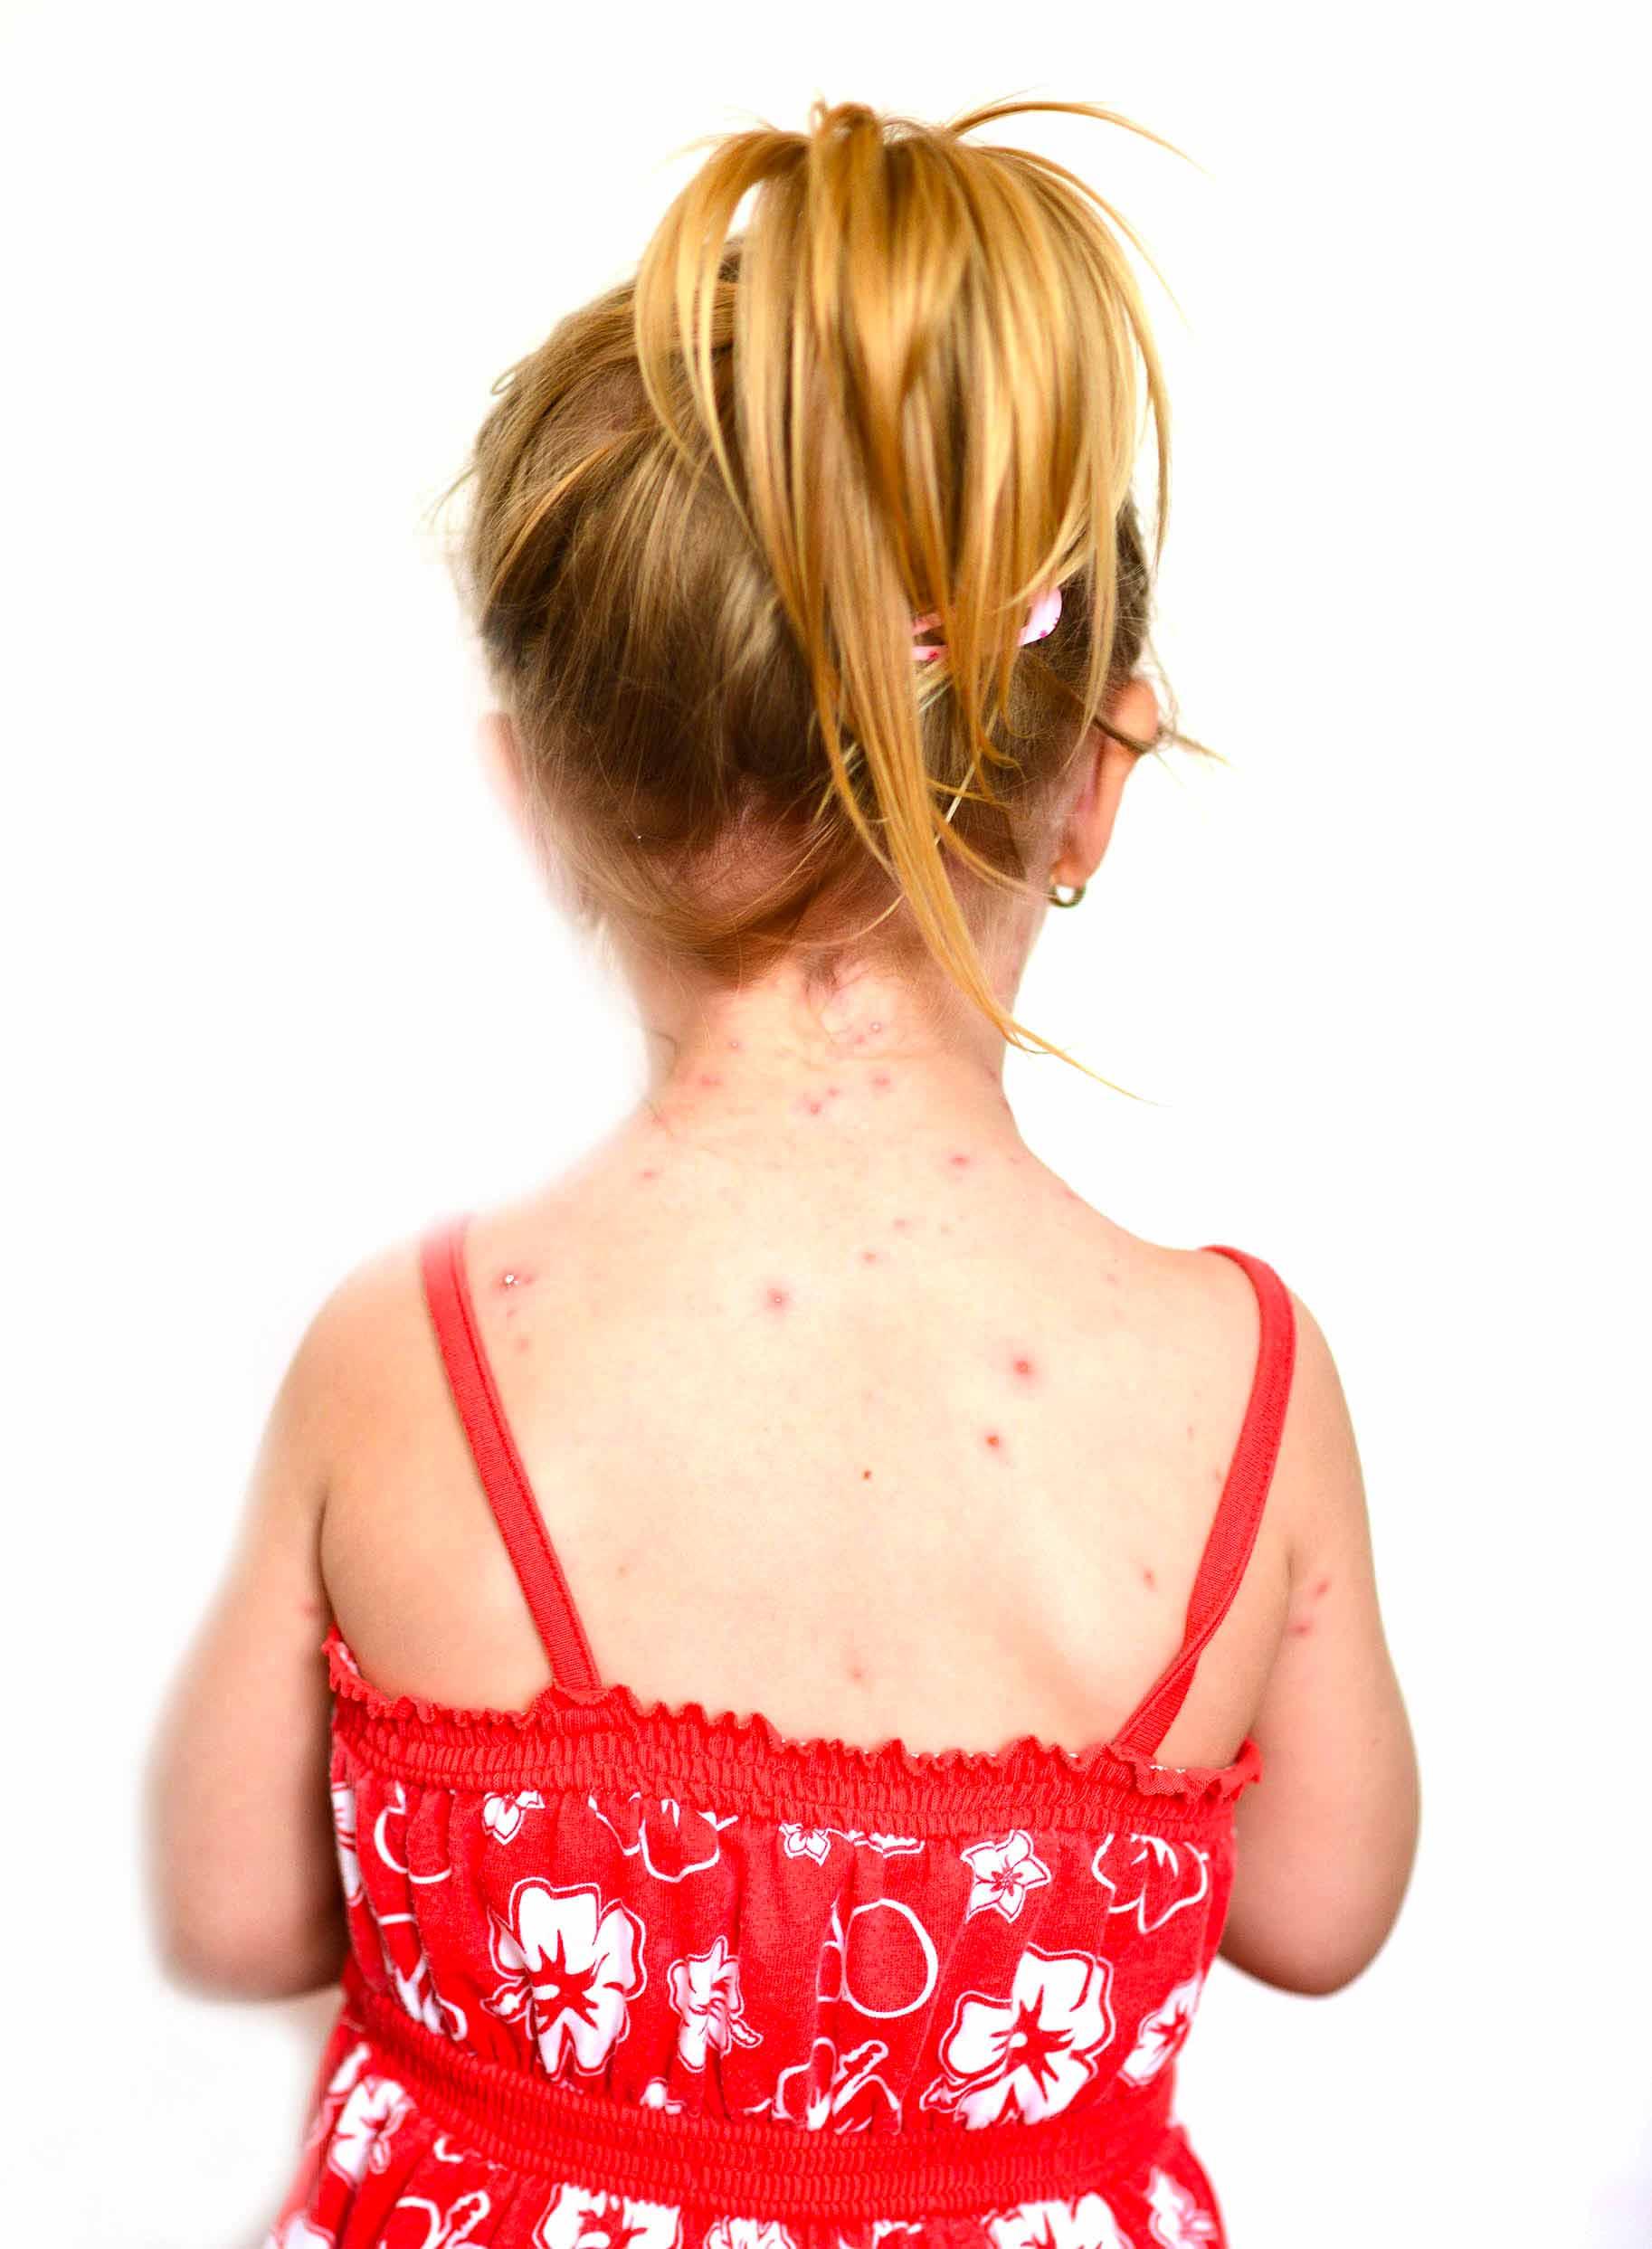 schiena di bambina affetta da varicella